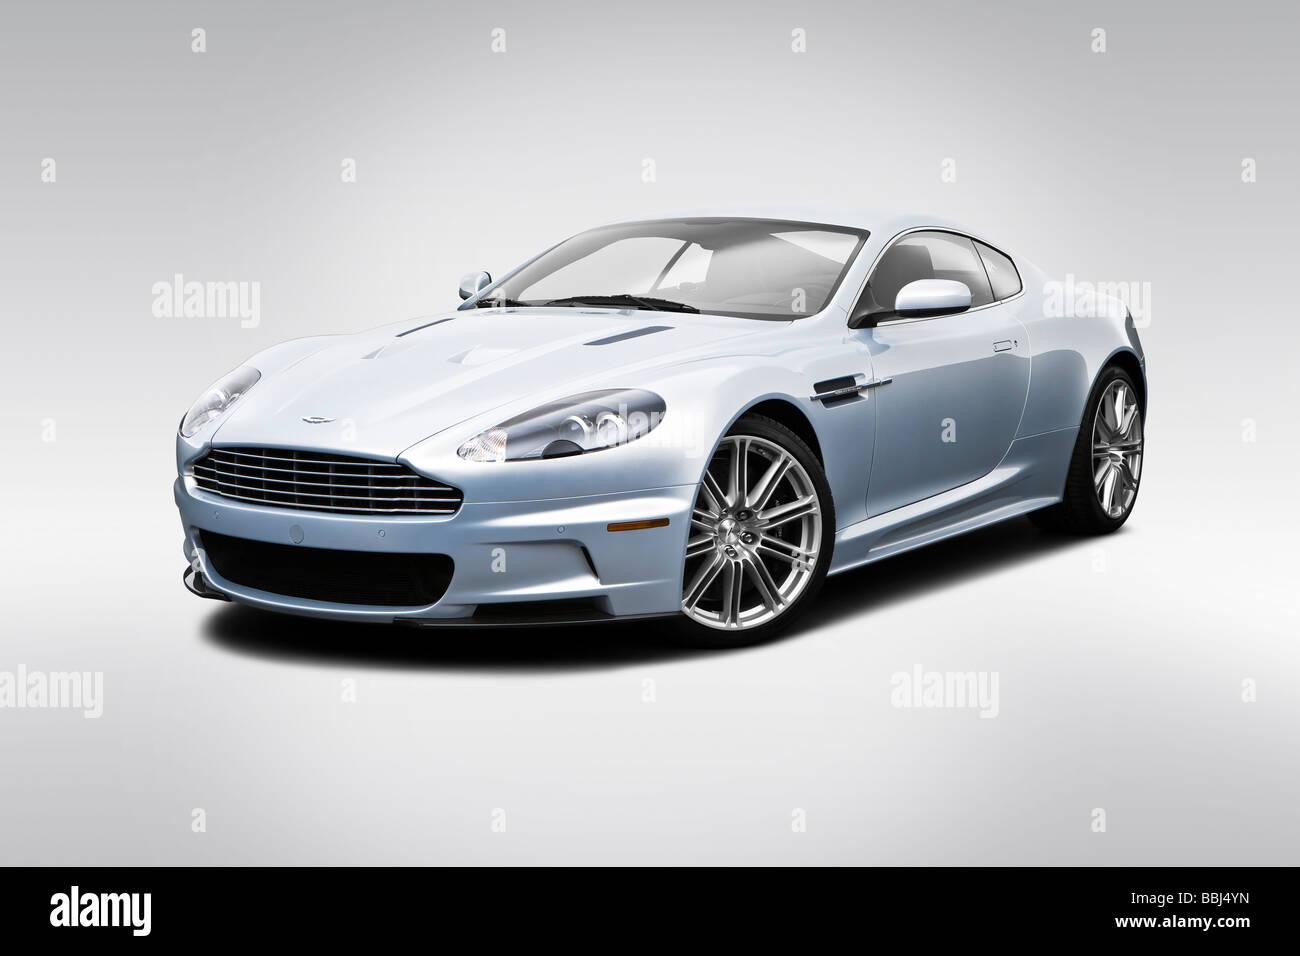 Drehen Sie 2009 Aston Martin DBS in Silber - Front Ansicht Stockbild